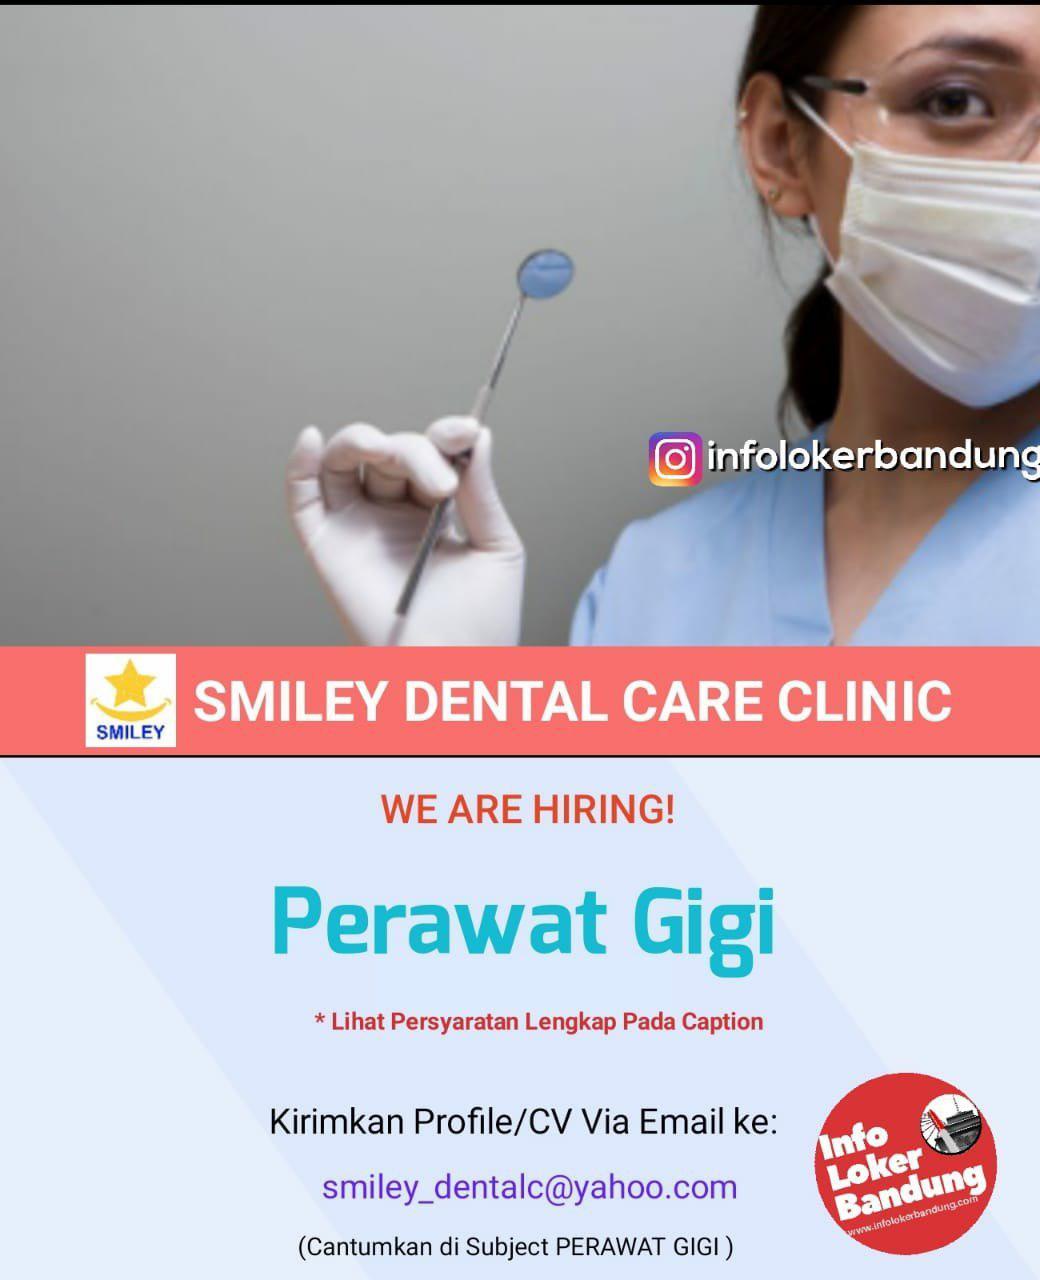 Lowongan Kerja Perawat Gigi Smiley Dental Care Bandung Januari 2019